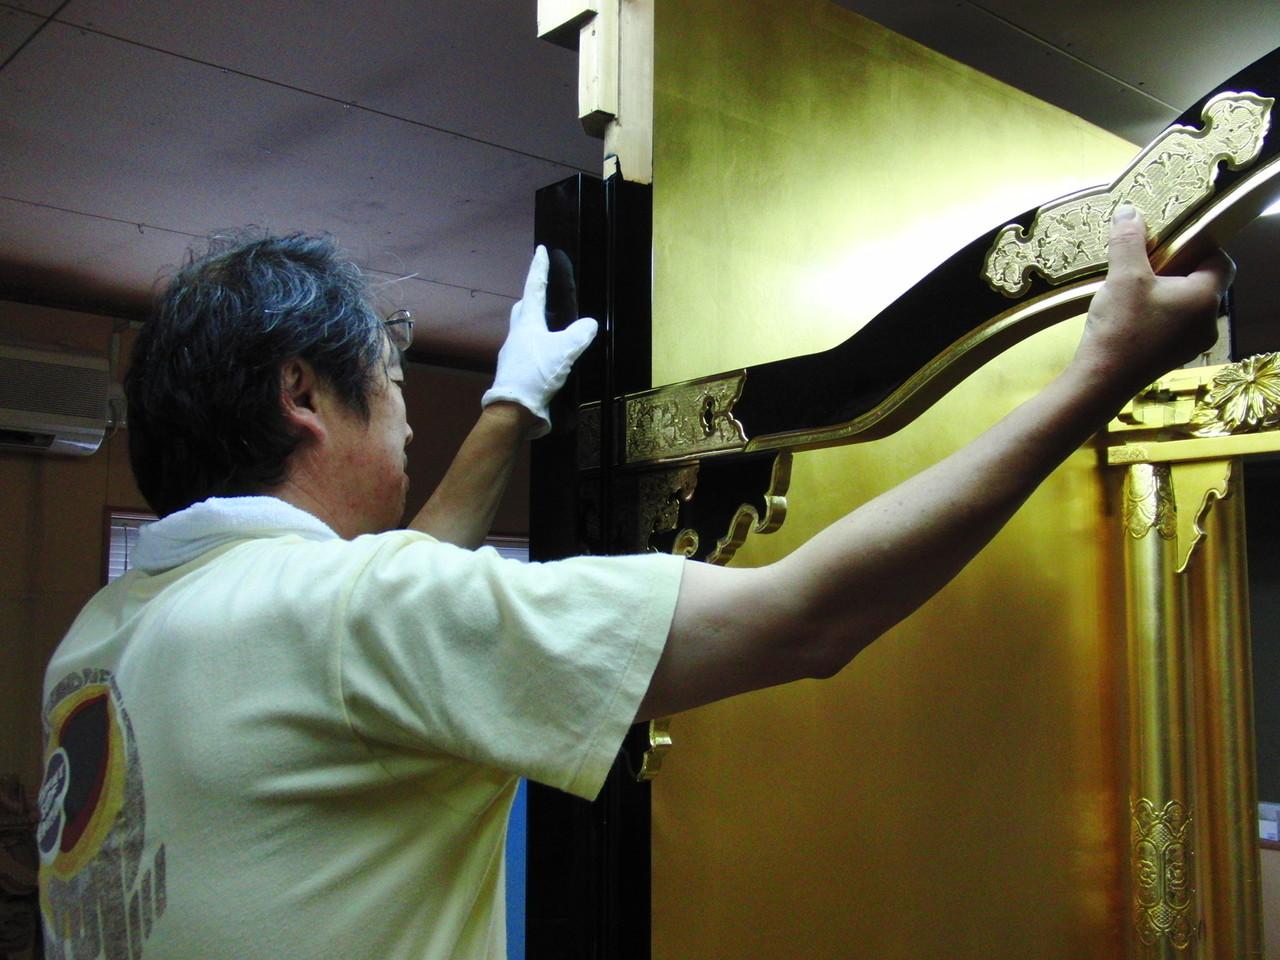 仏壇洗濯・修理 金箔を貼り金具打ち後、仕上げた部品を組み立てていきます。